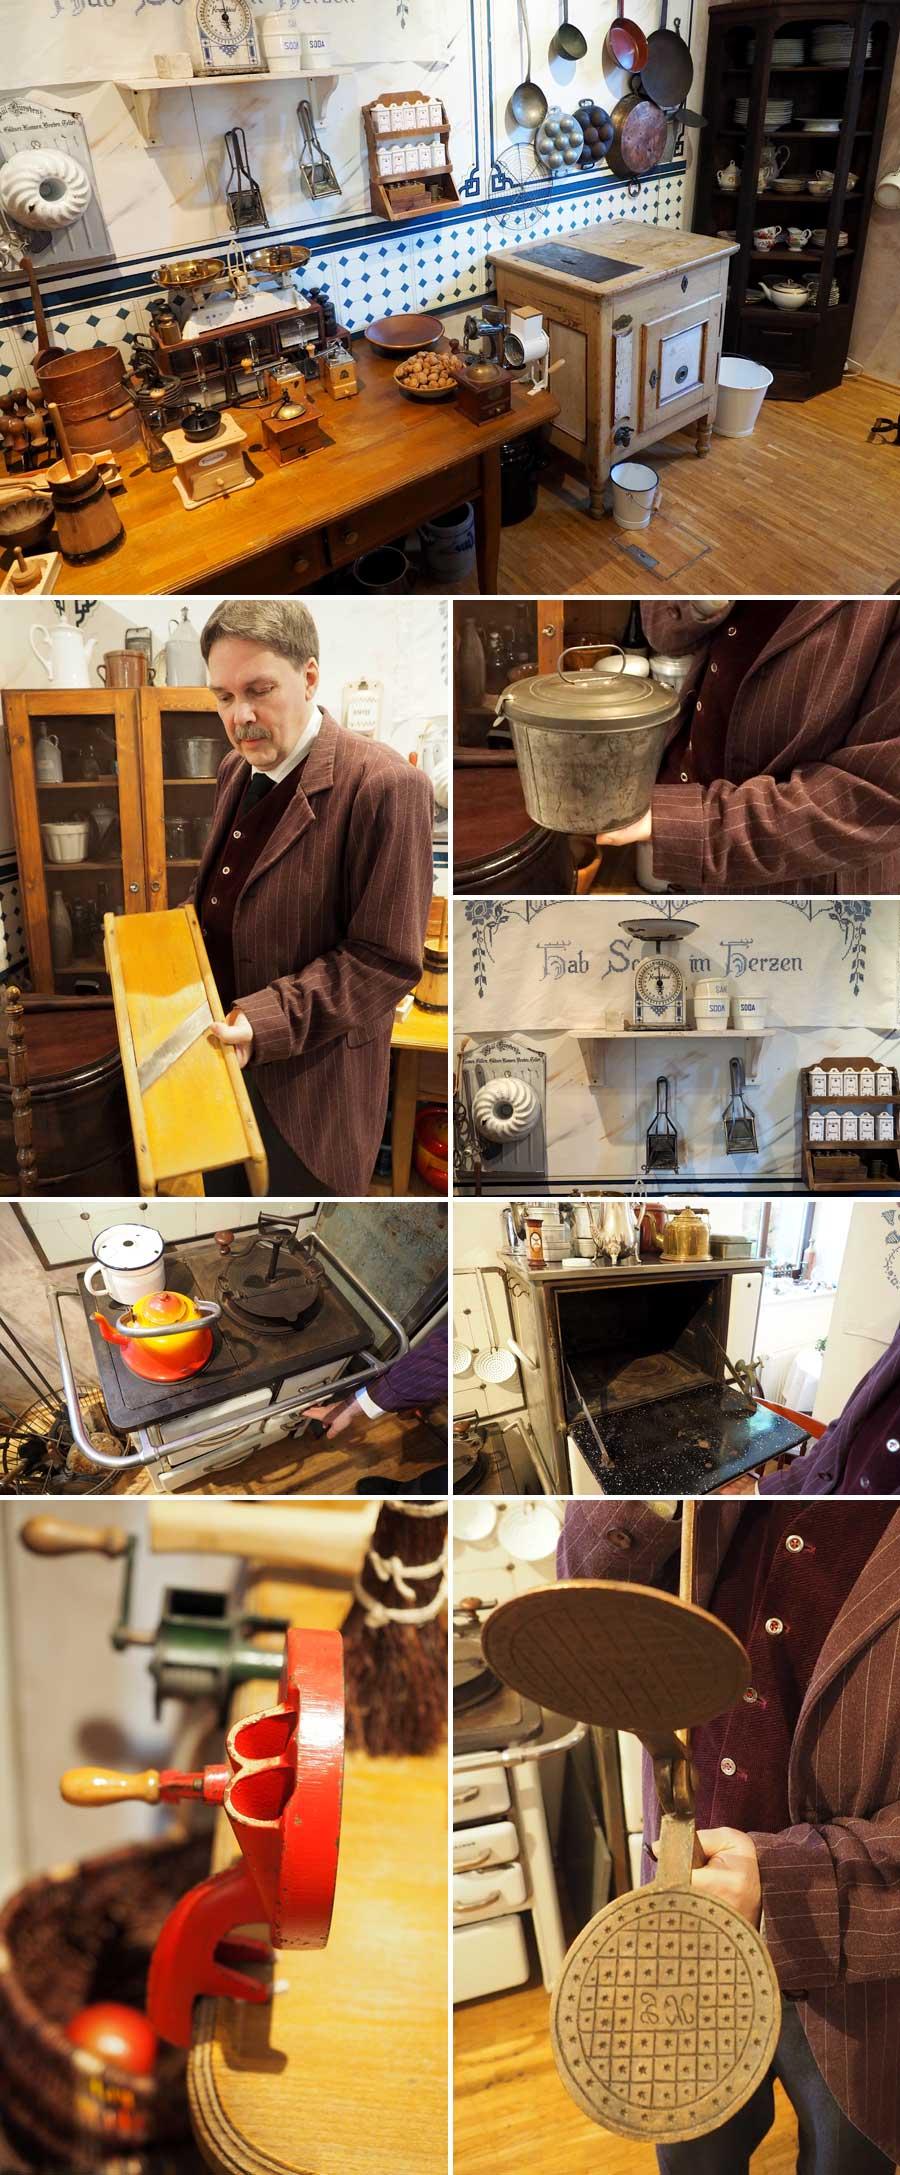 Eine Küche, wie sie um 1900 existierte. Besucherinnen und Besucher können alles ausprobieren und tauchen so in eine andere Zeit ein.